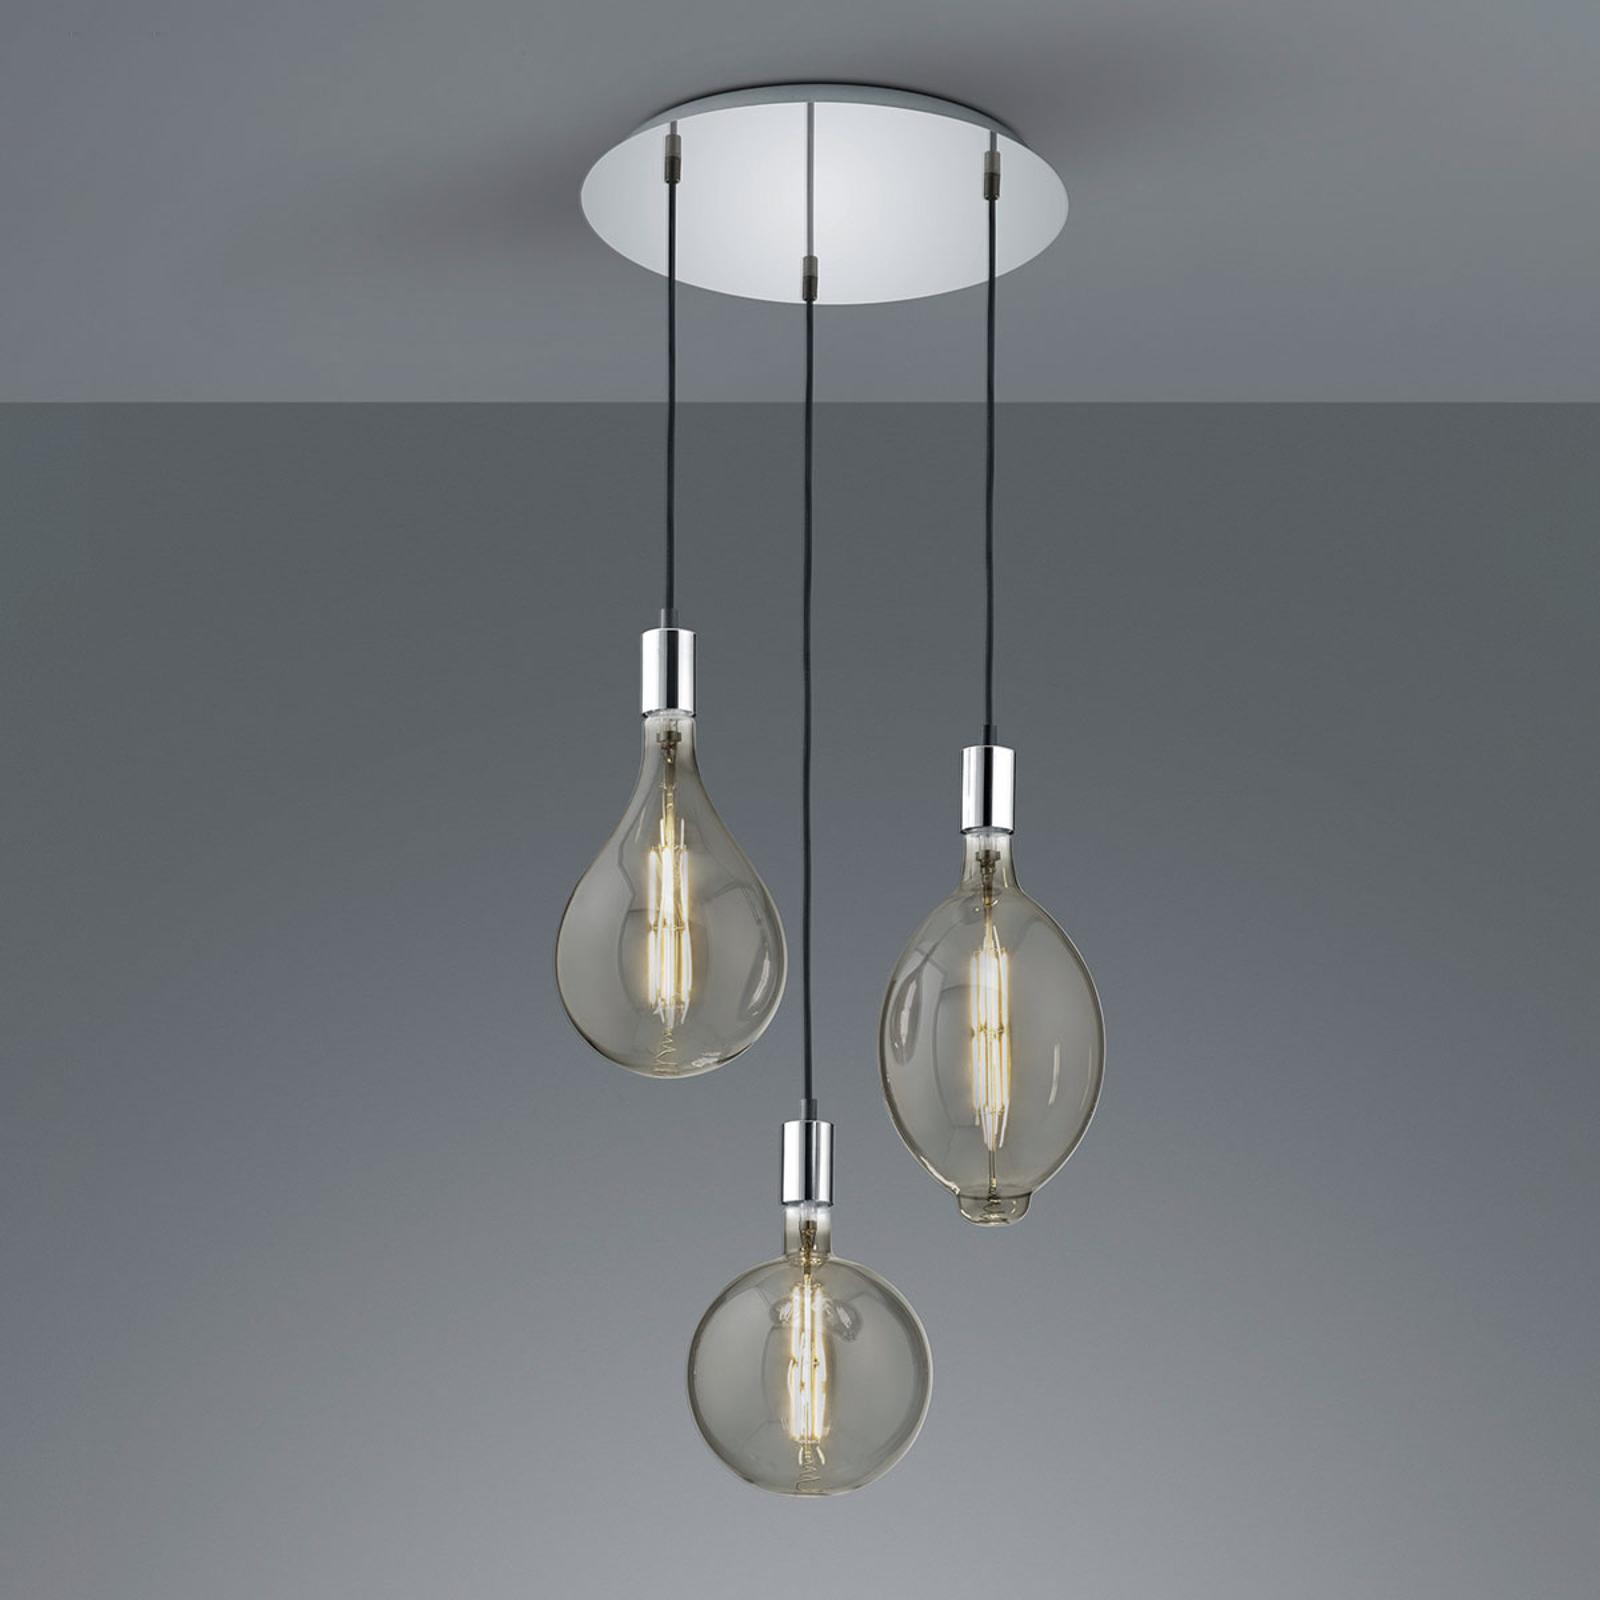 Lampa wisząca LED Ginster 3-punktowa chrom okrągła